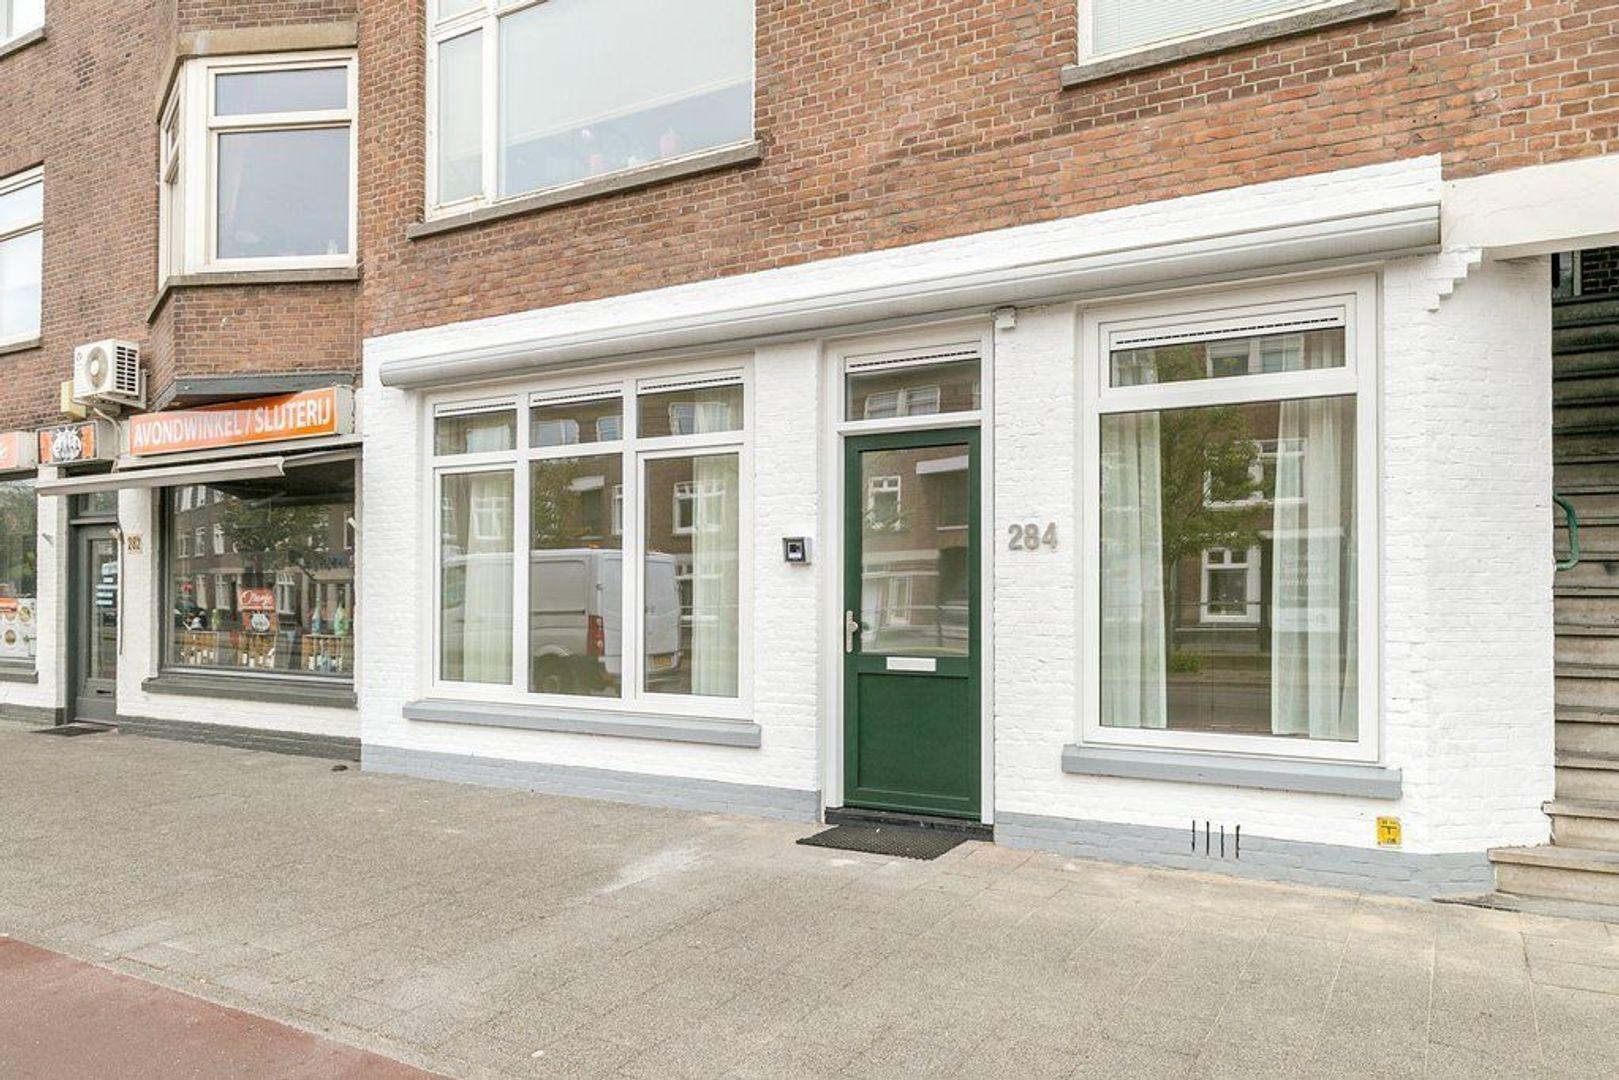 Juliana van Stolberglaan 284, Den Haag foto-45